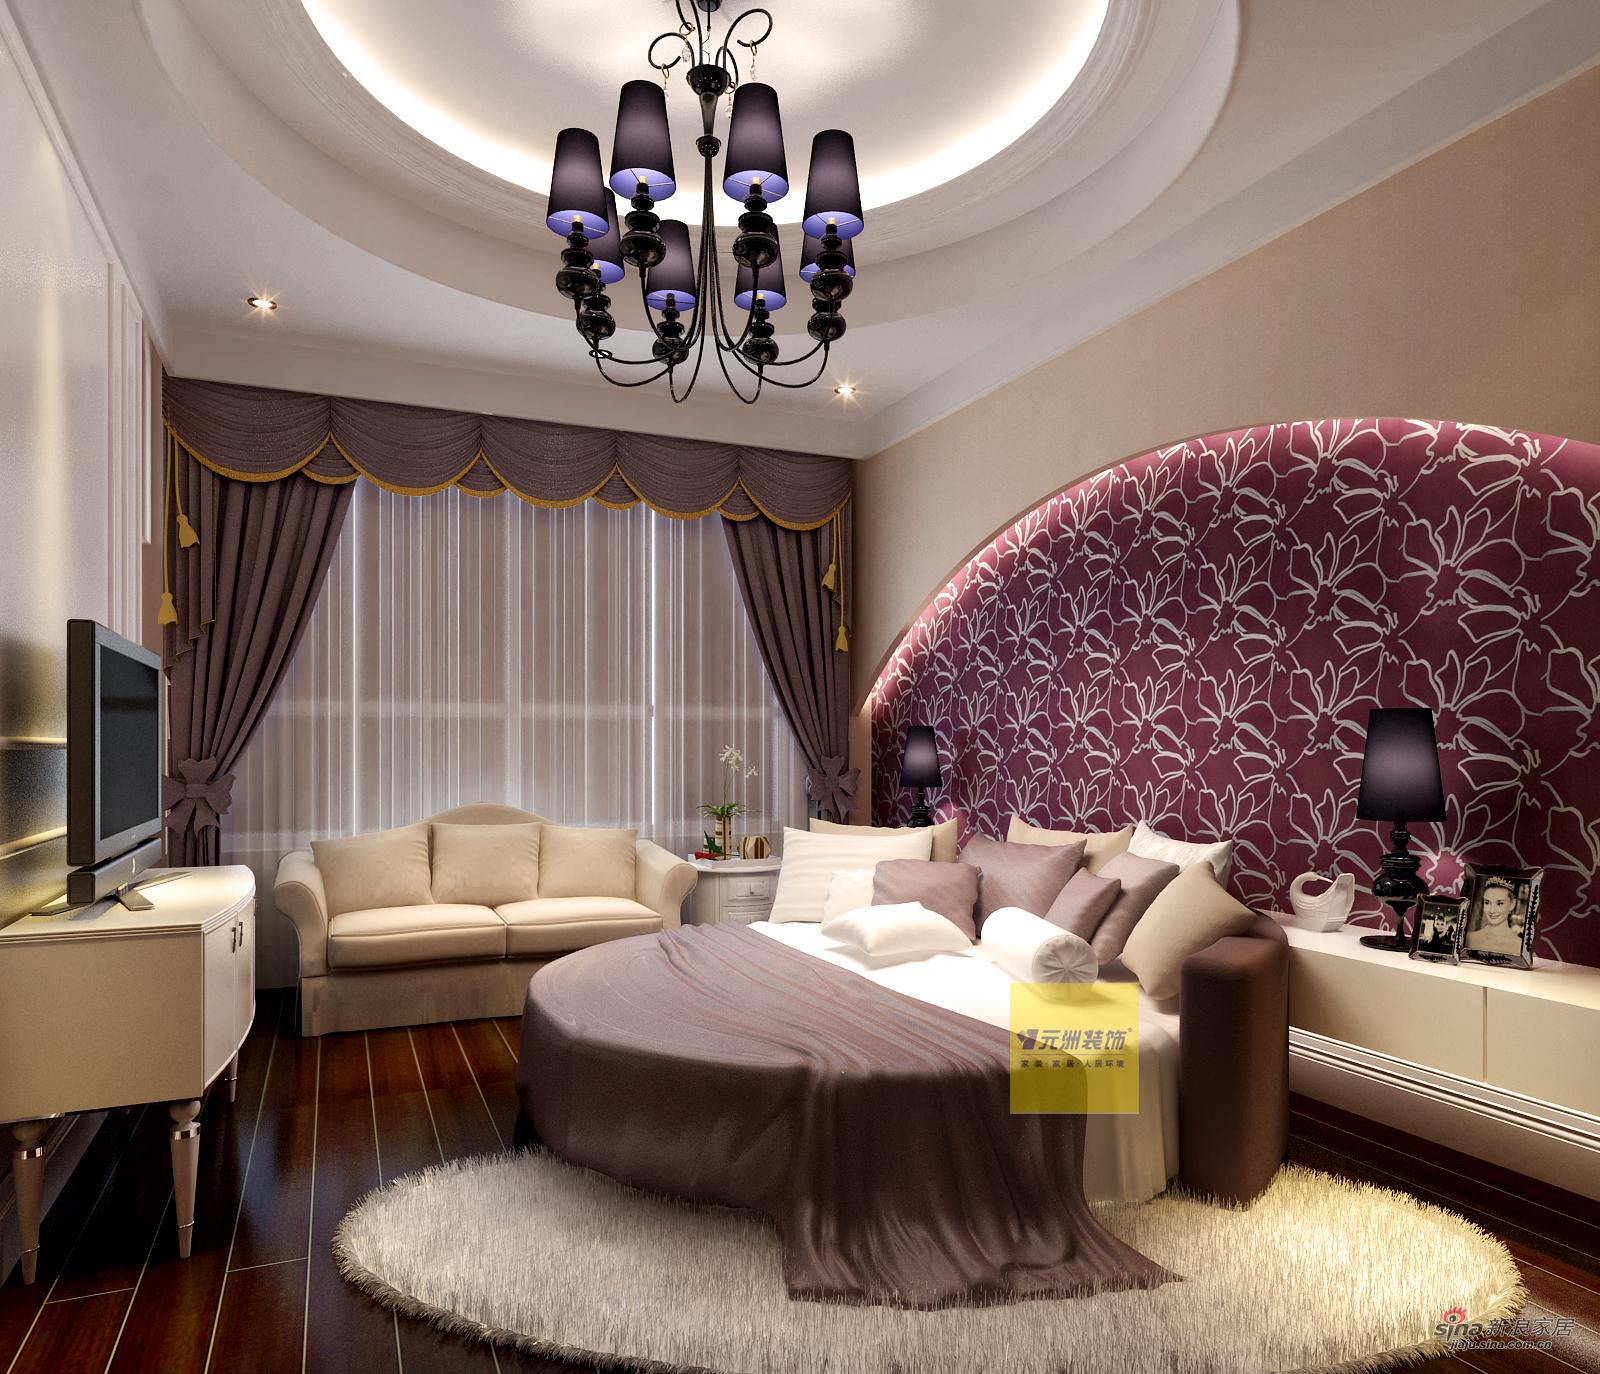 欧式 别墅 卧室图片来自用户2557013183在我的专辑275809的分享